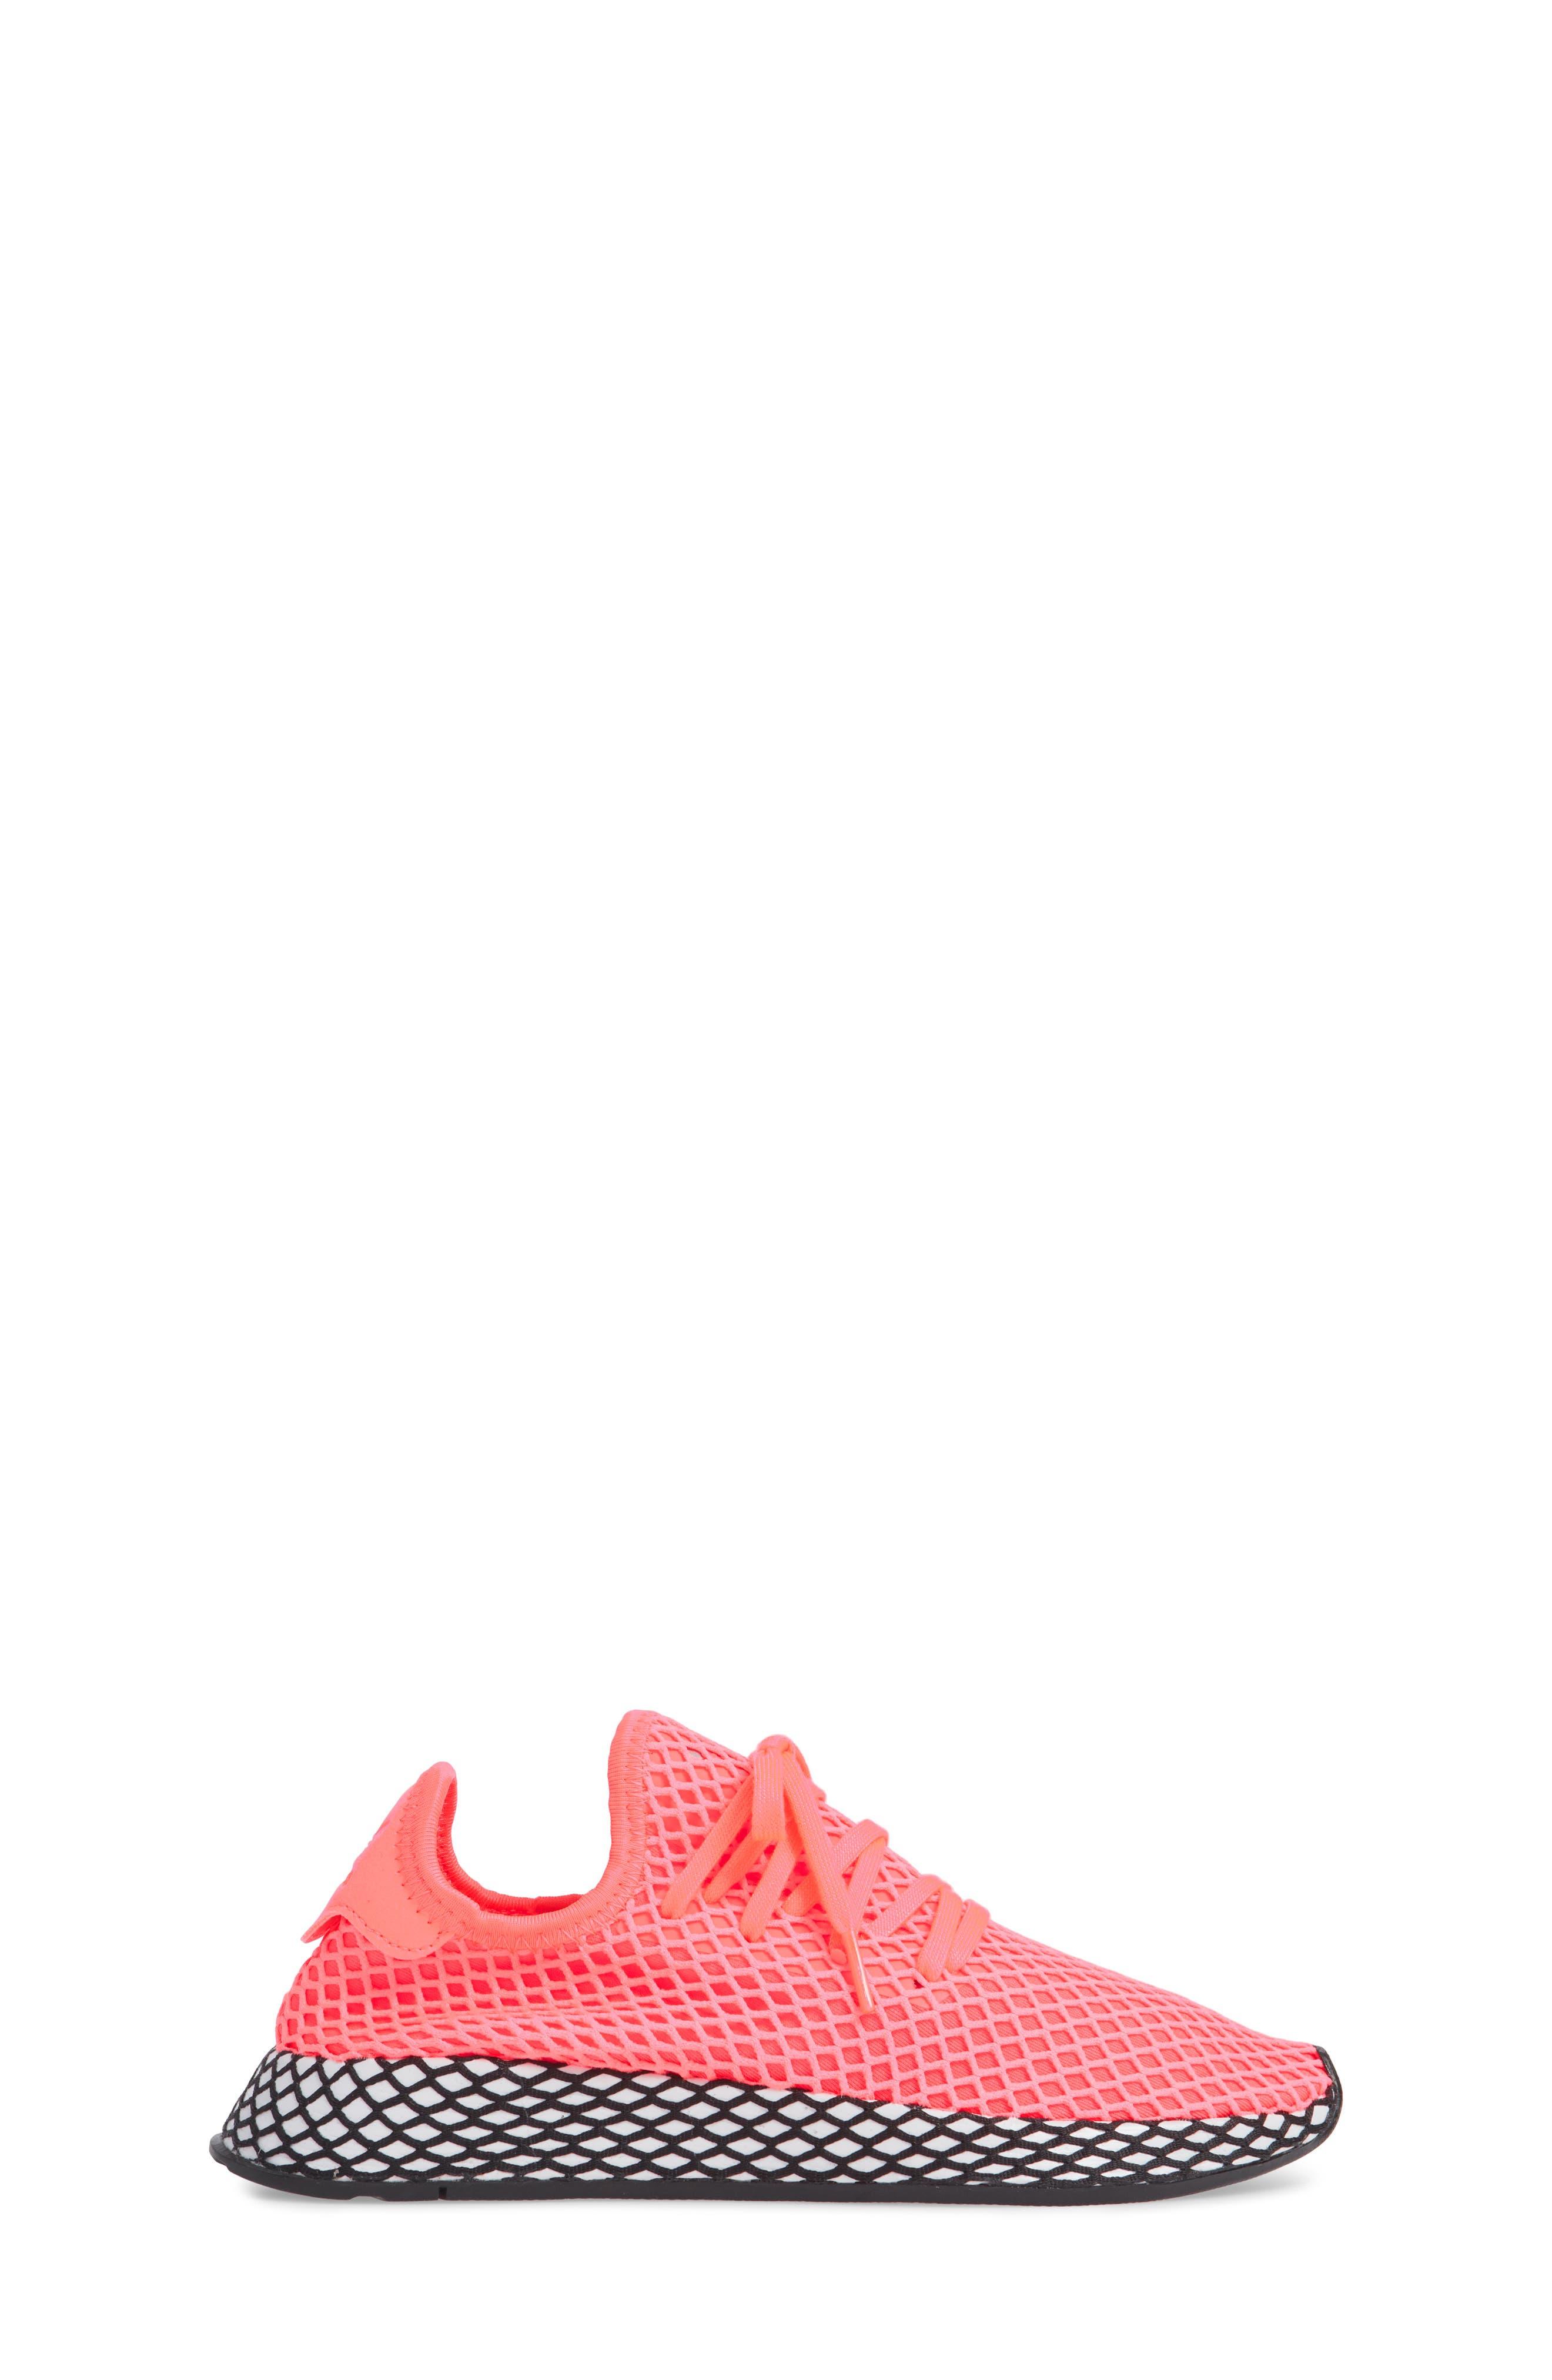 Deerupt Runner Sneaker,                             Alternate thumbnail 6, color,                             Turbo/ Turbo/ Black